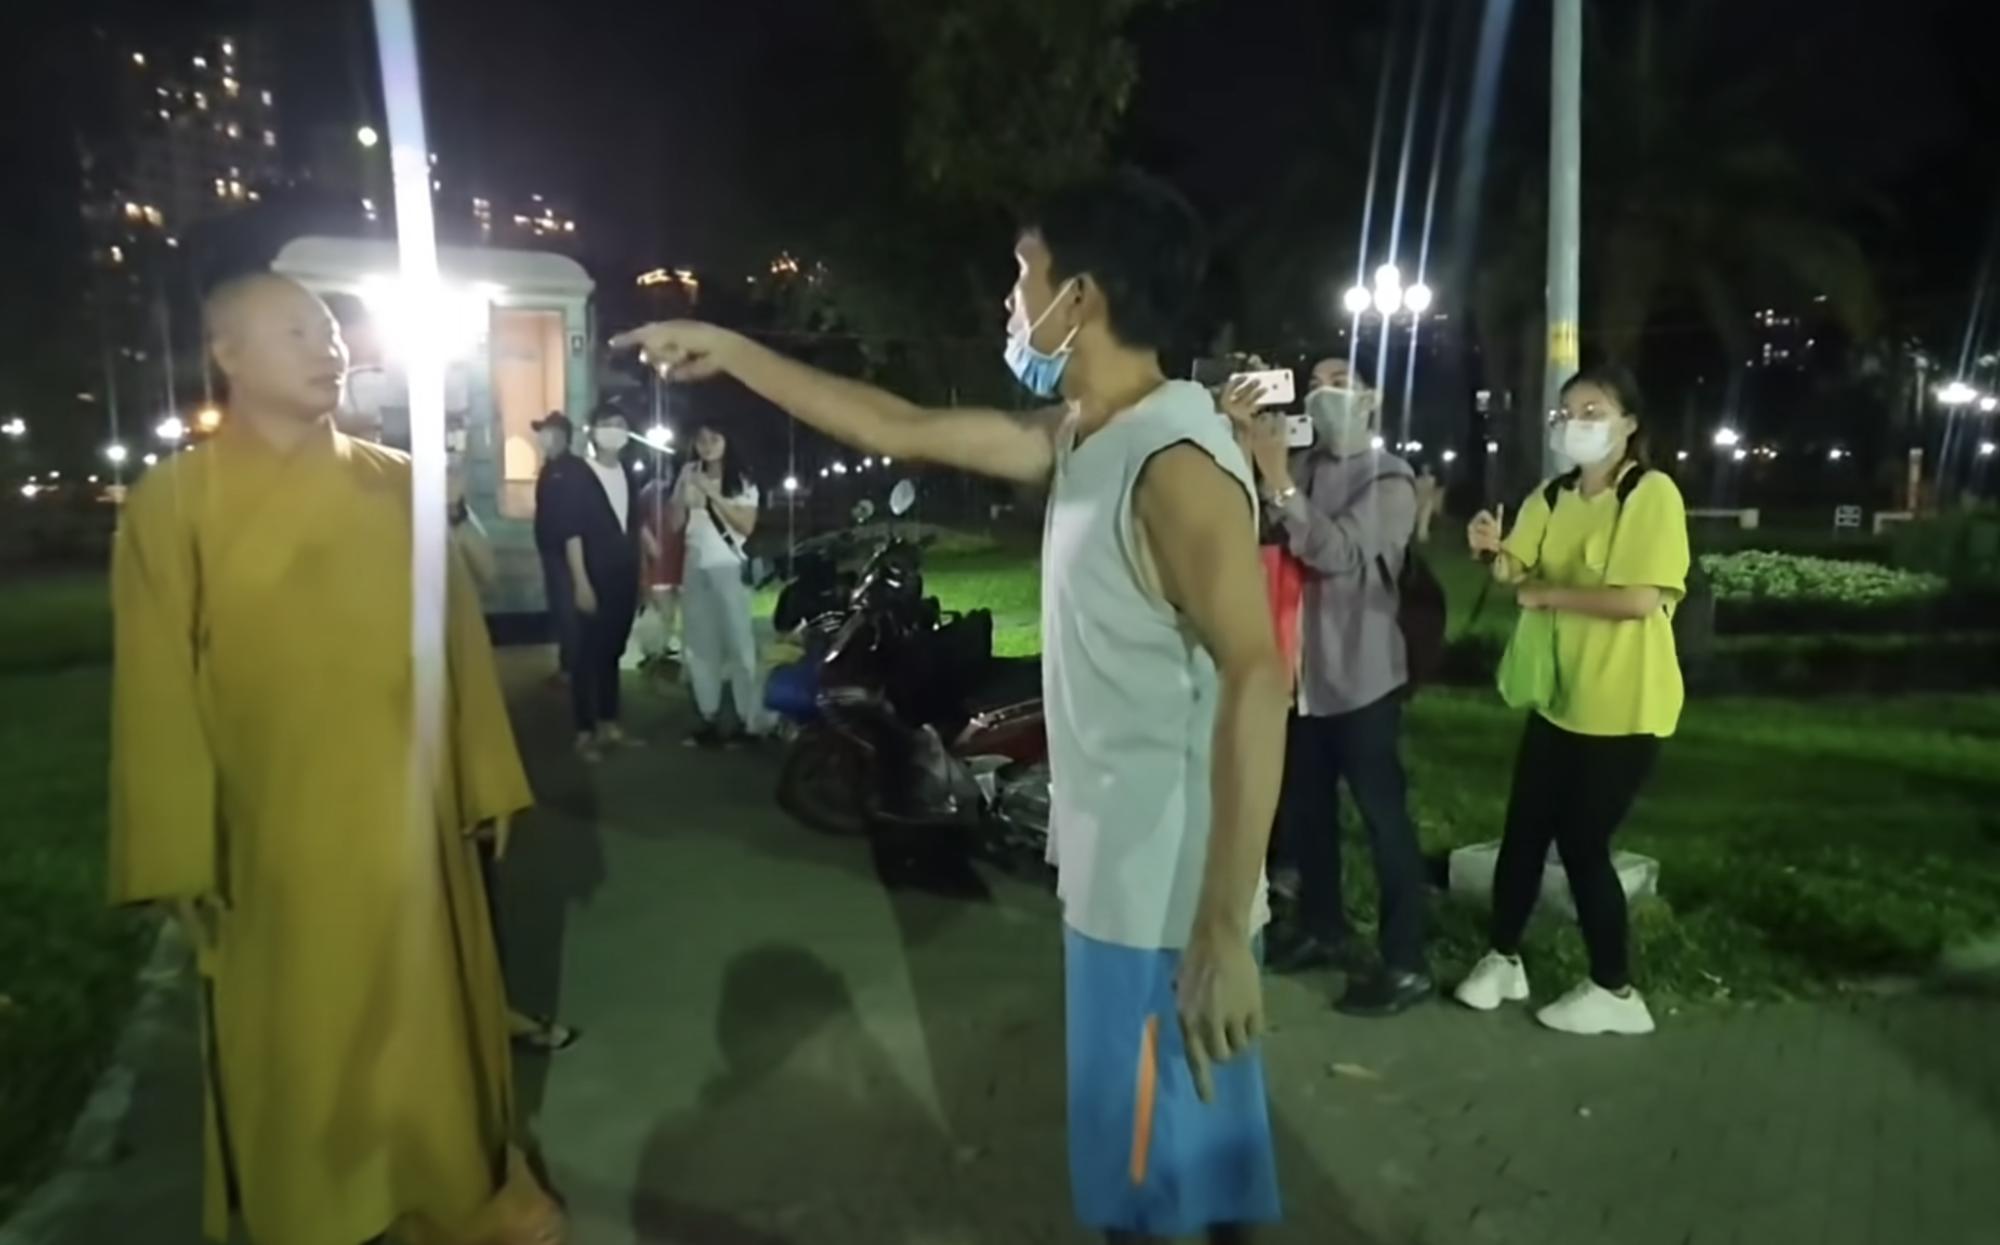 Công an mời nhiều Youtuber quay nội dung Thầy chùa ăn thịt chó ở Củ Chi - Ảnh 1.